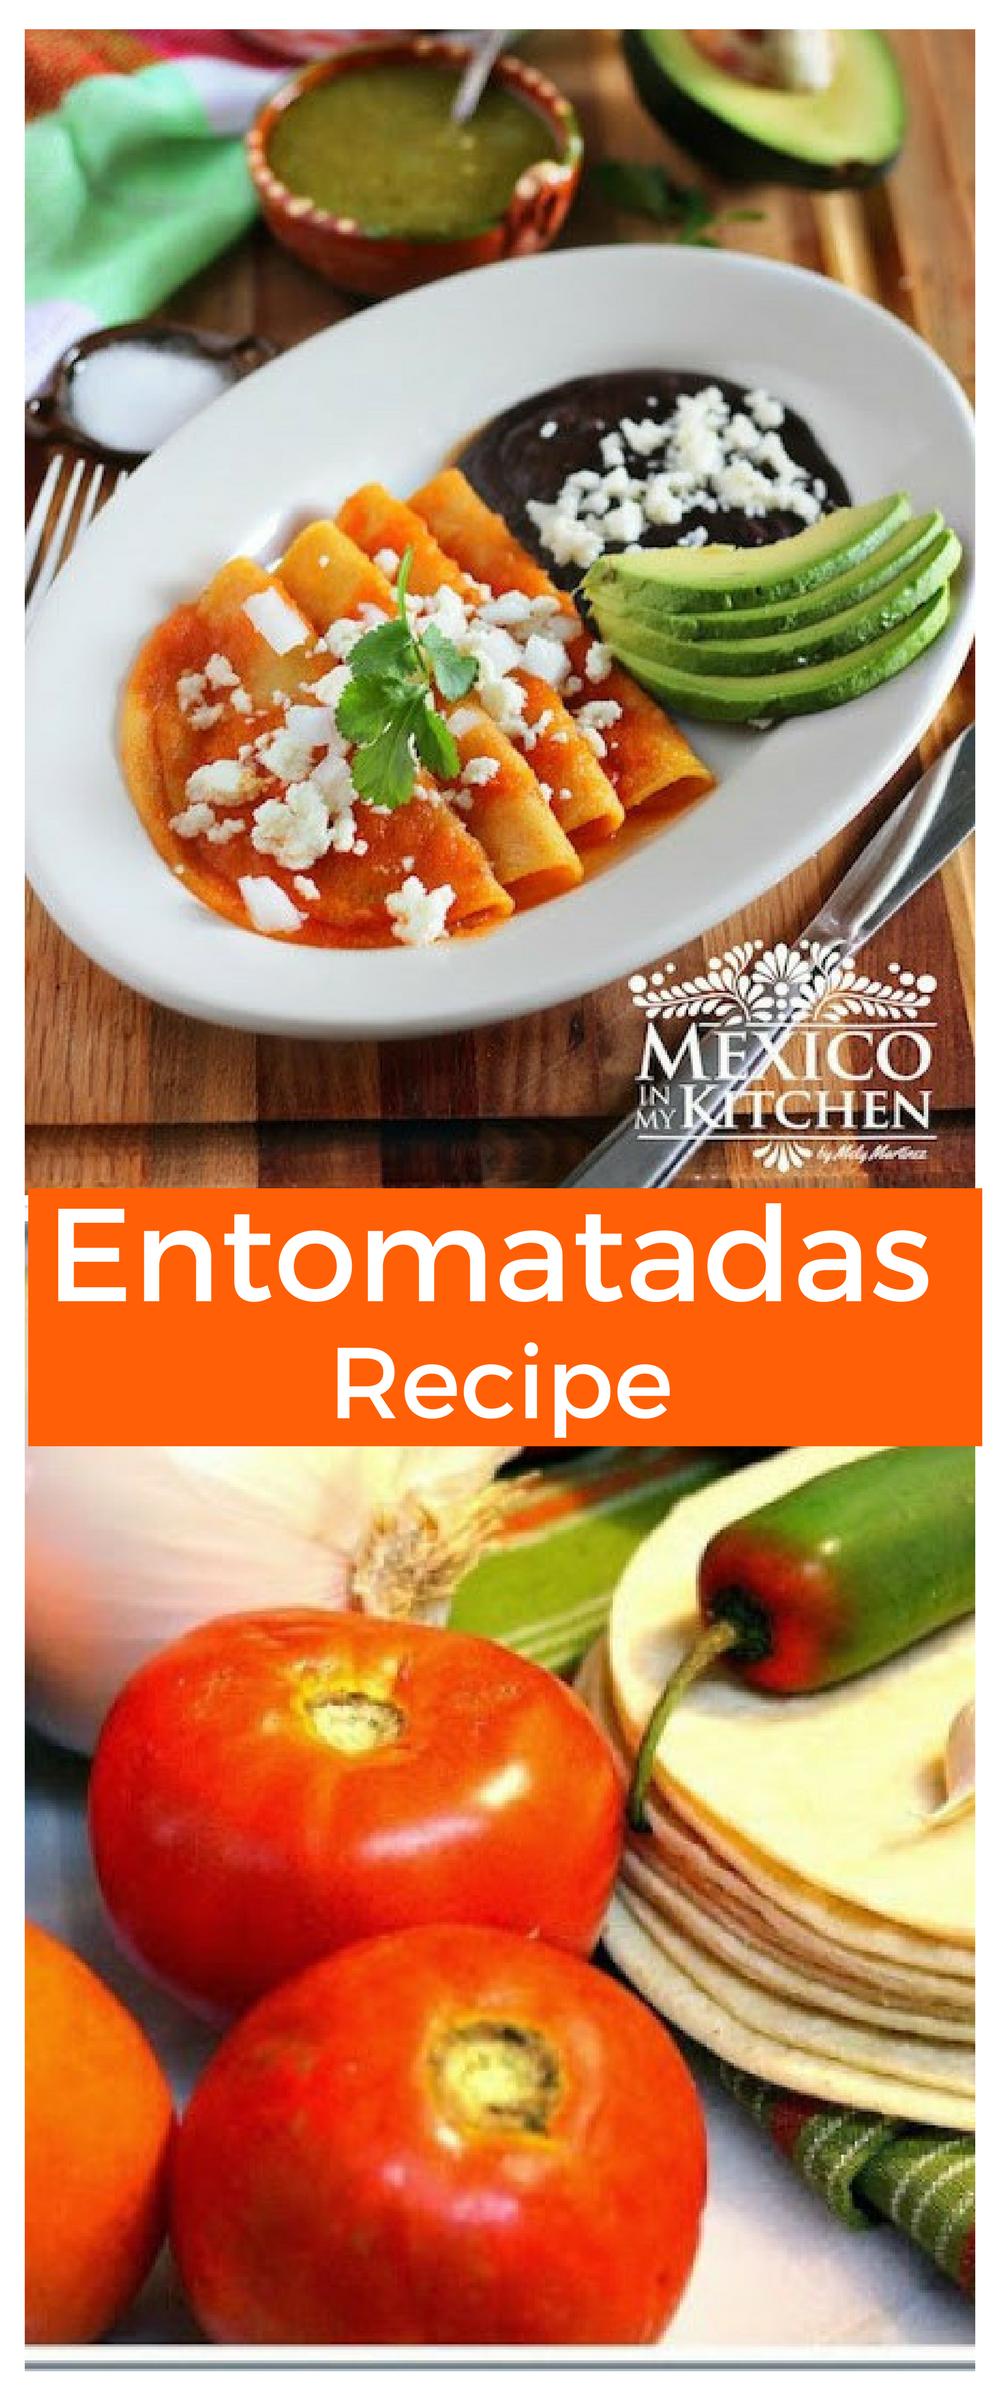 Entomatadas Recipe Entomatadas recipe, Mexican food